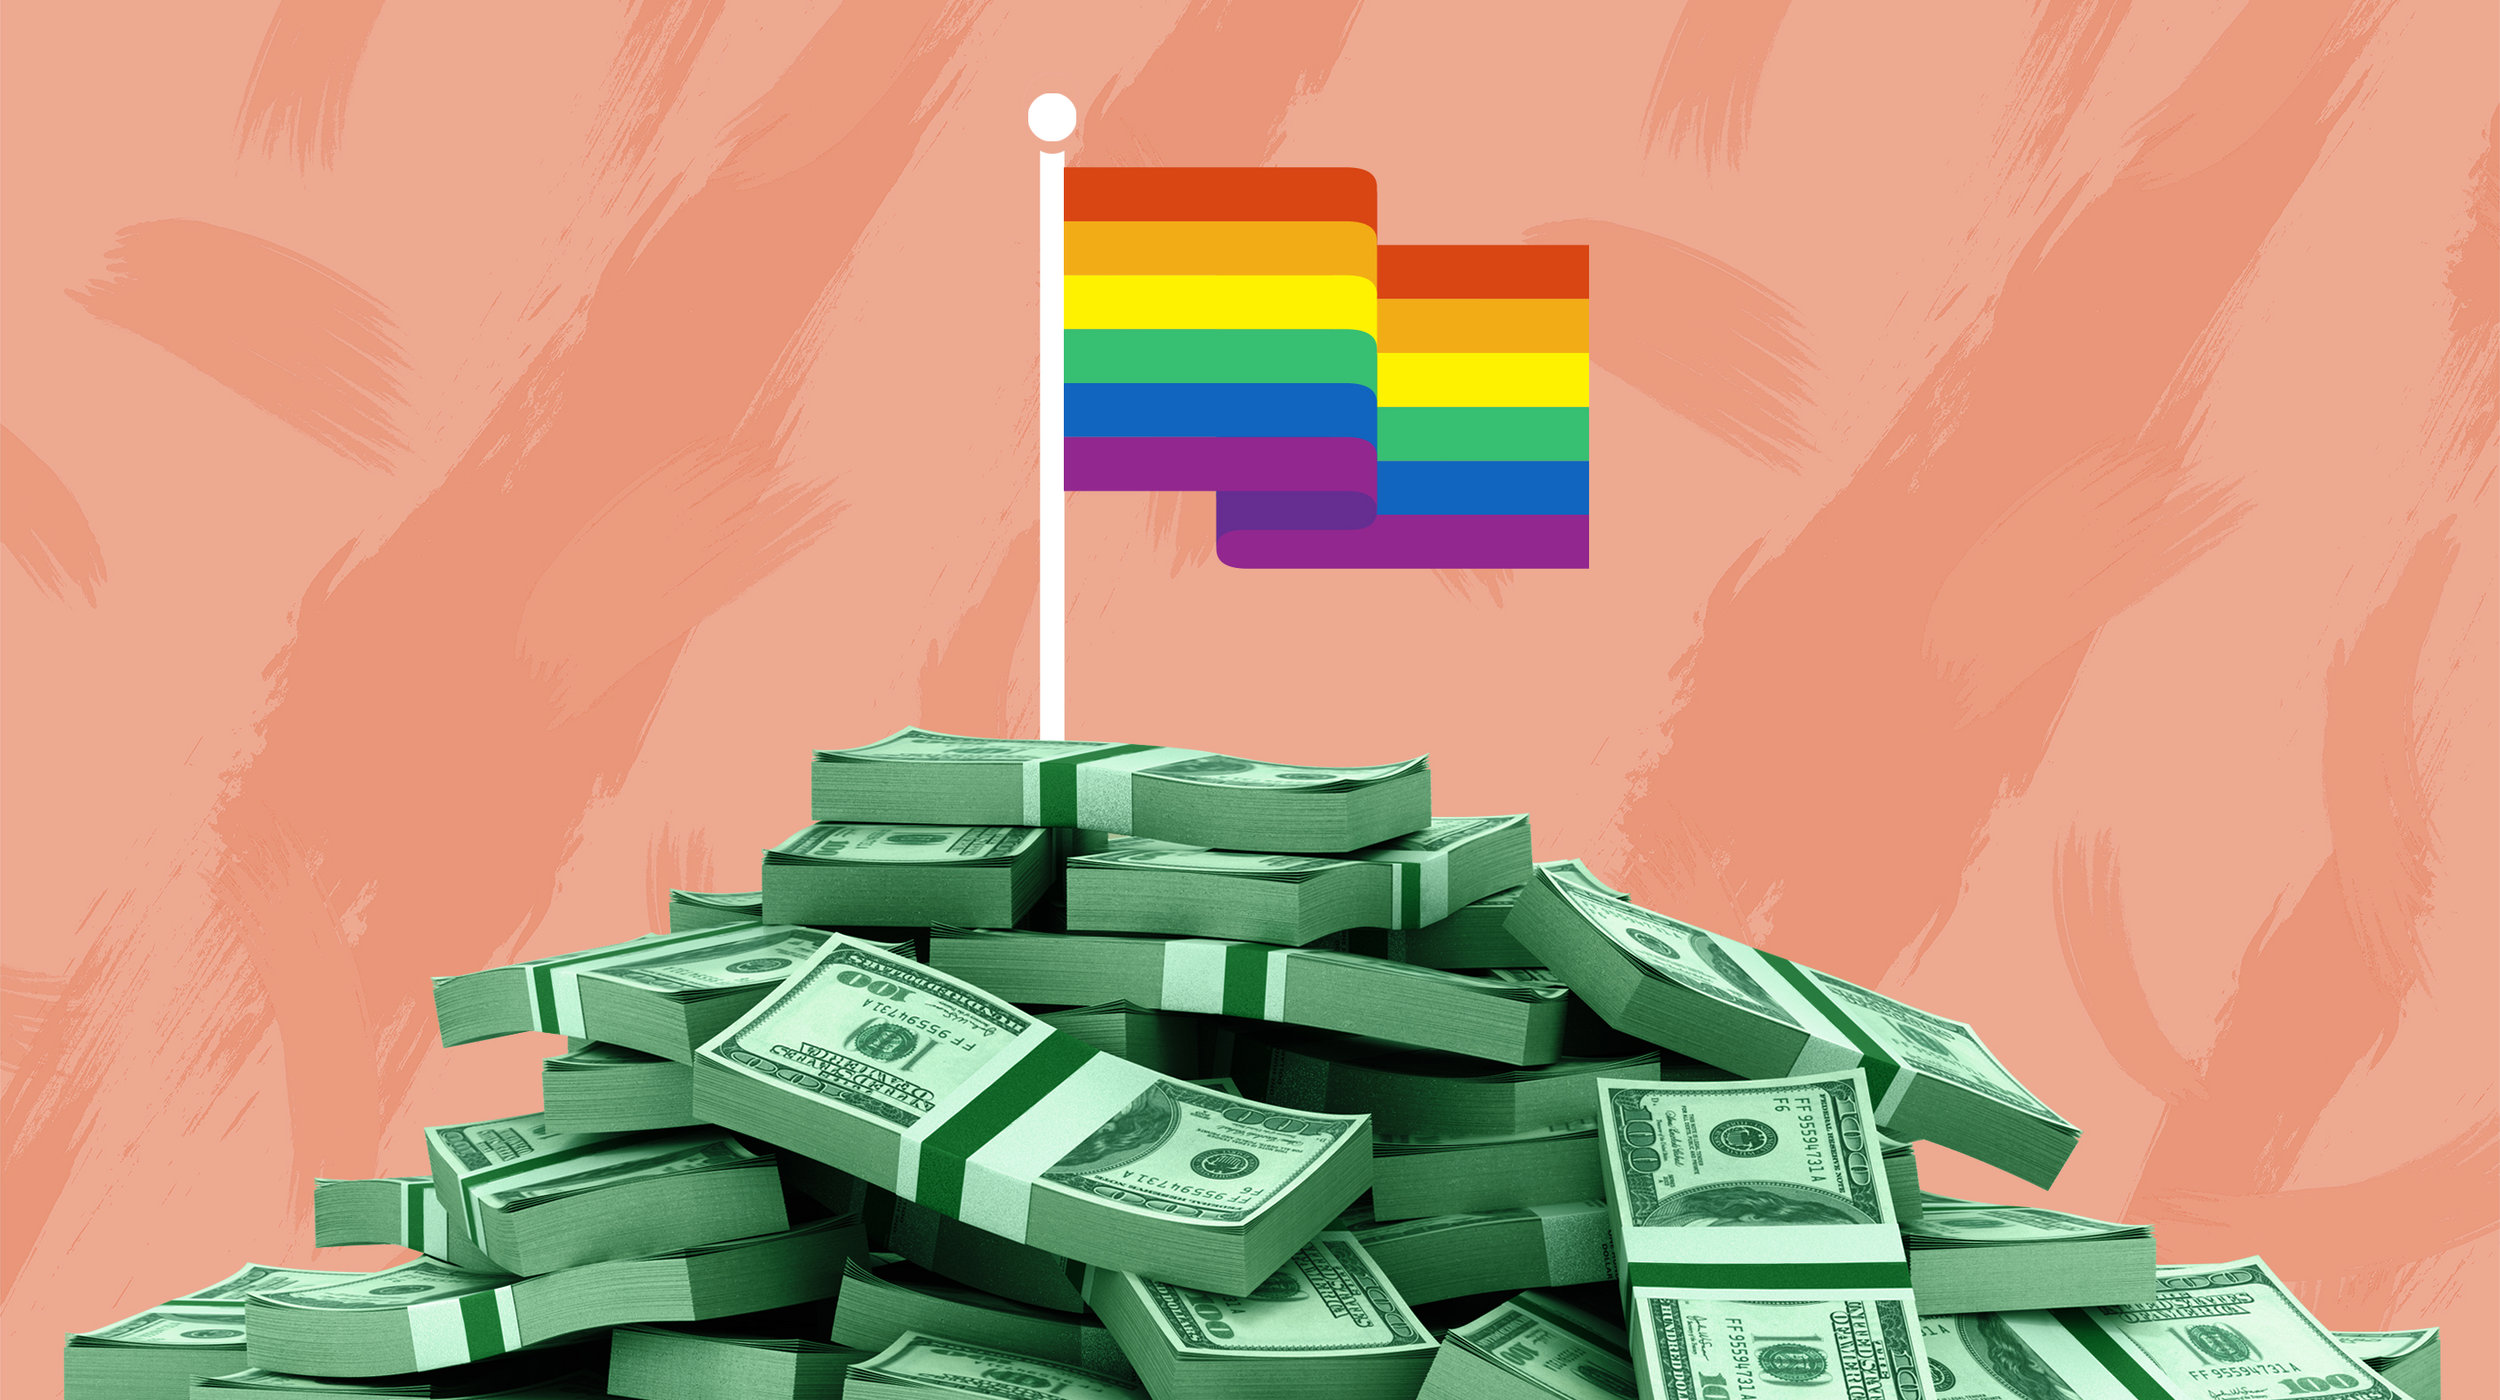 「LGBTQ MONEY」的圖片搜尋結果